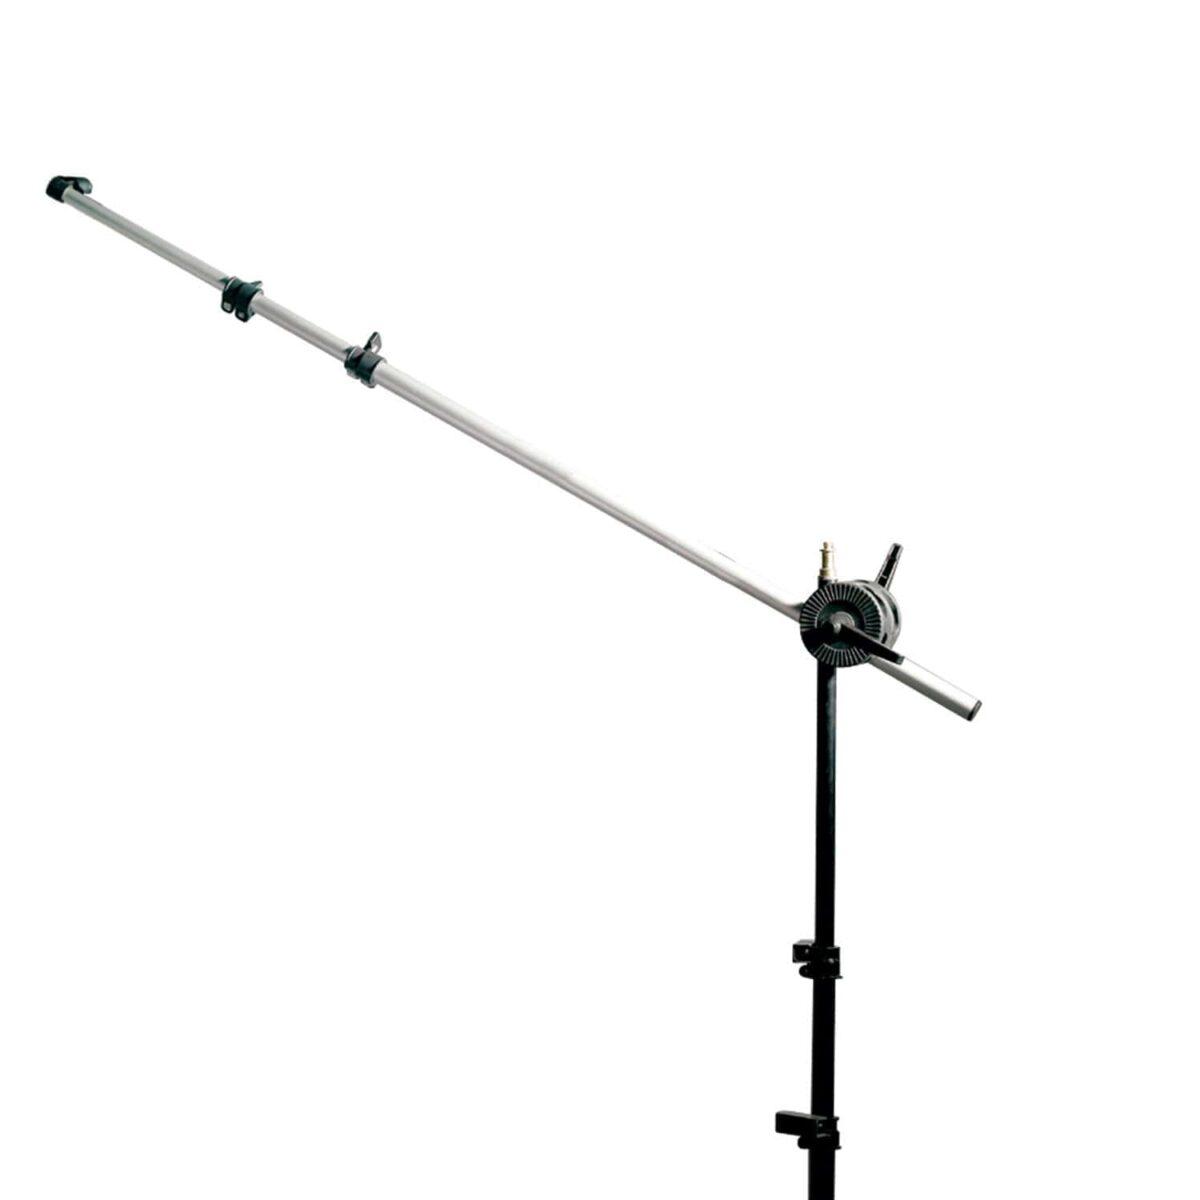 کیت رفلکتور 80 سانتیمتر و هولدر رفلکتور و سه پایه نور